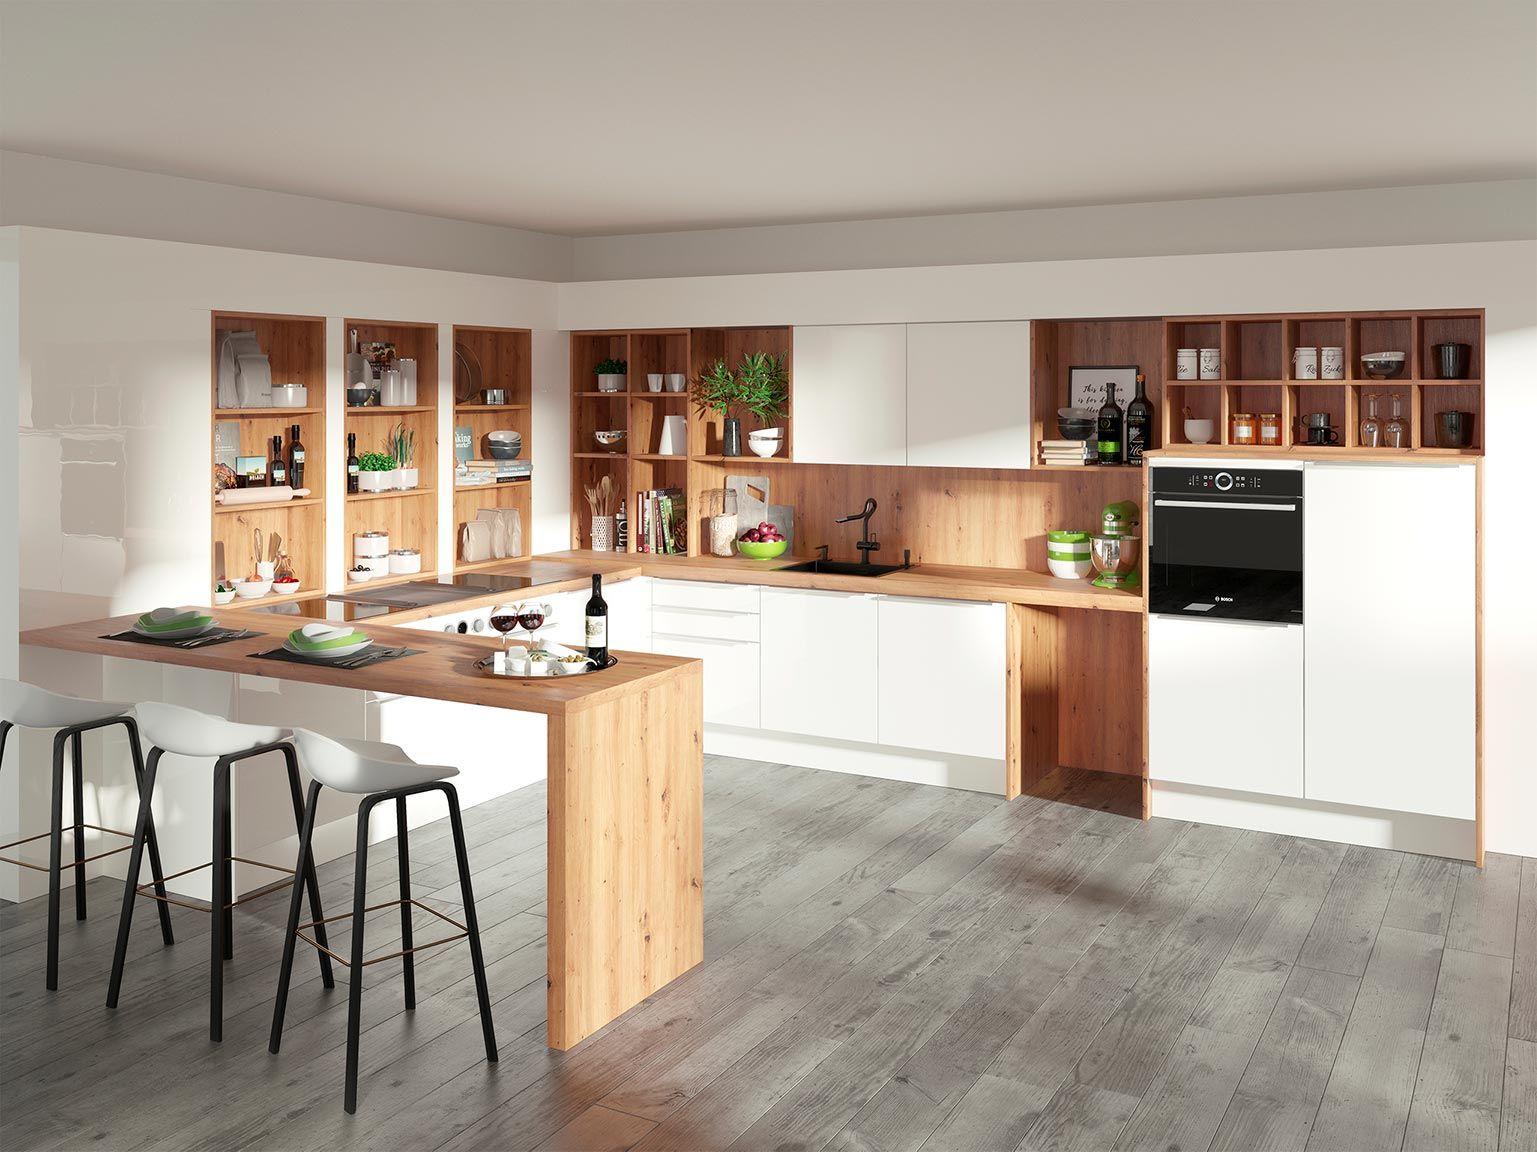 Küche Weiß Anthrazit Holz   Design Kommode Leona Mit Vielen Schubladen   Wohnen.de